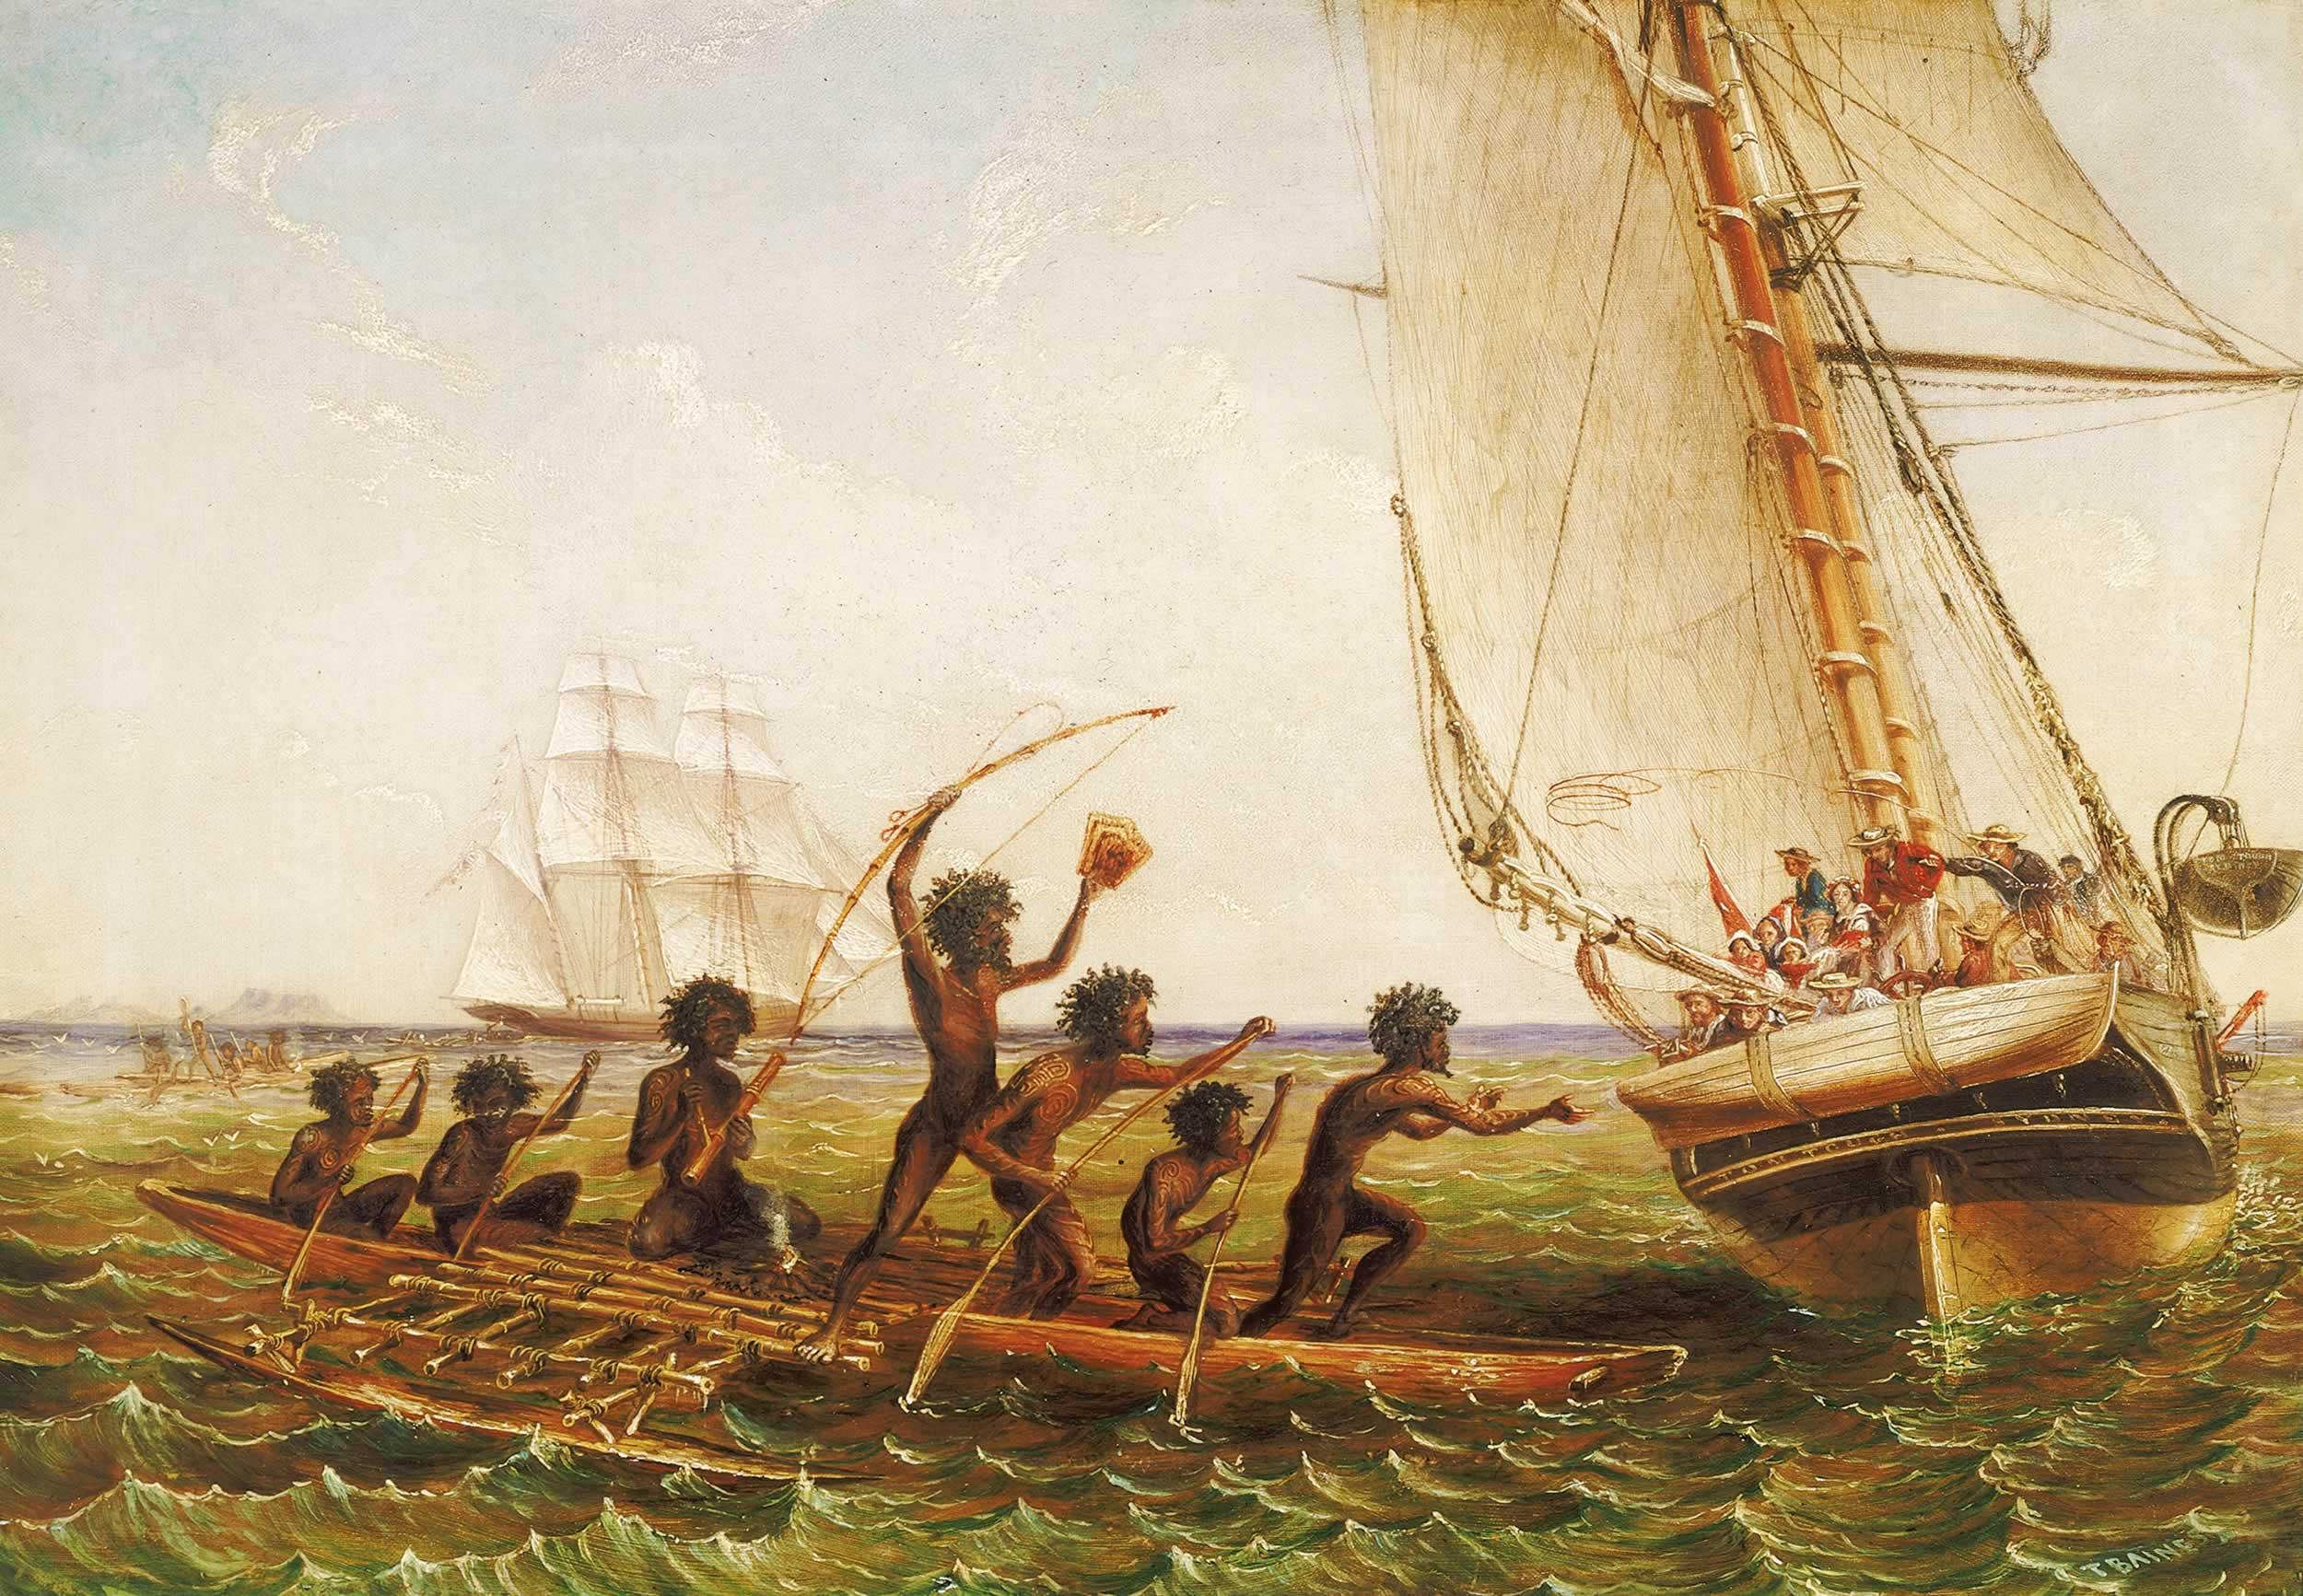 Thomas_Baines_c.1855_Aboriginal_Canoes